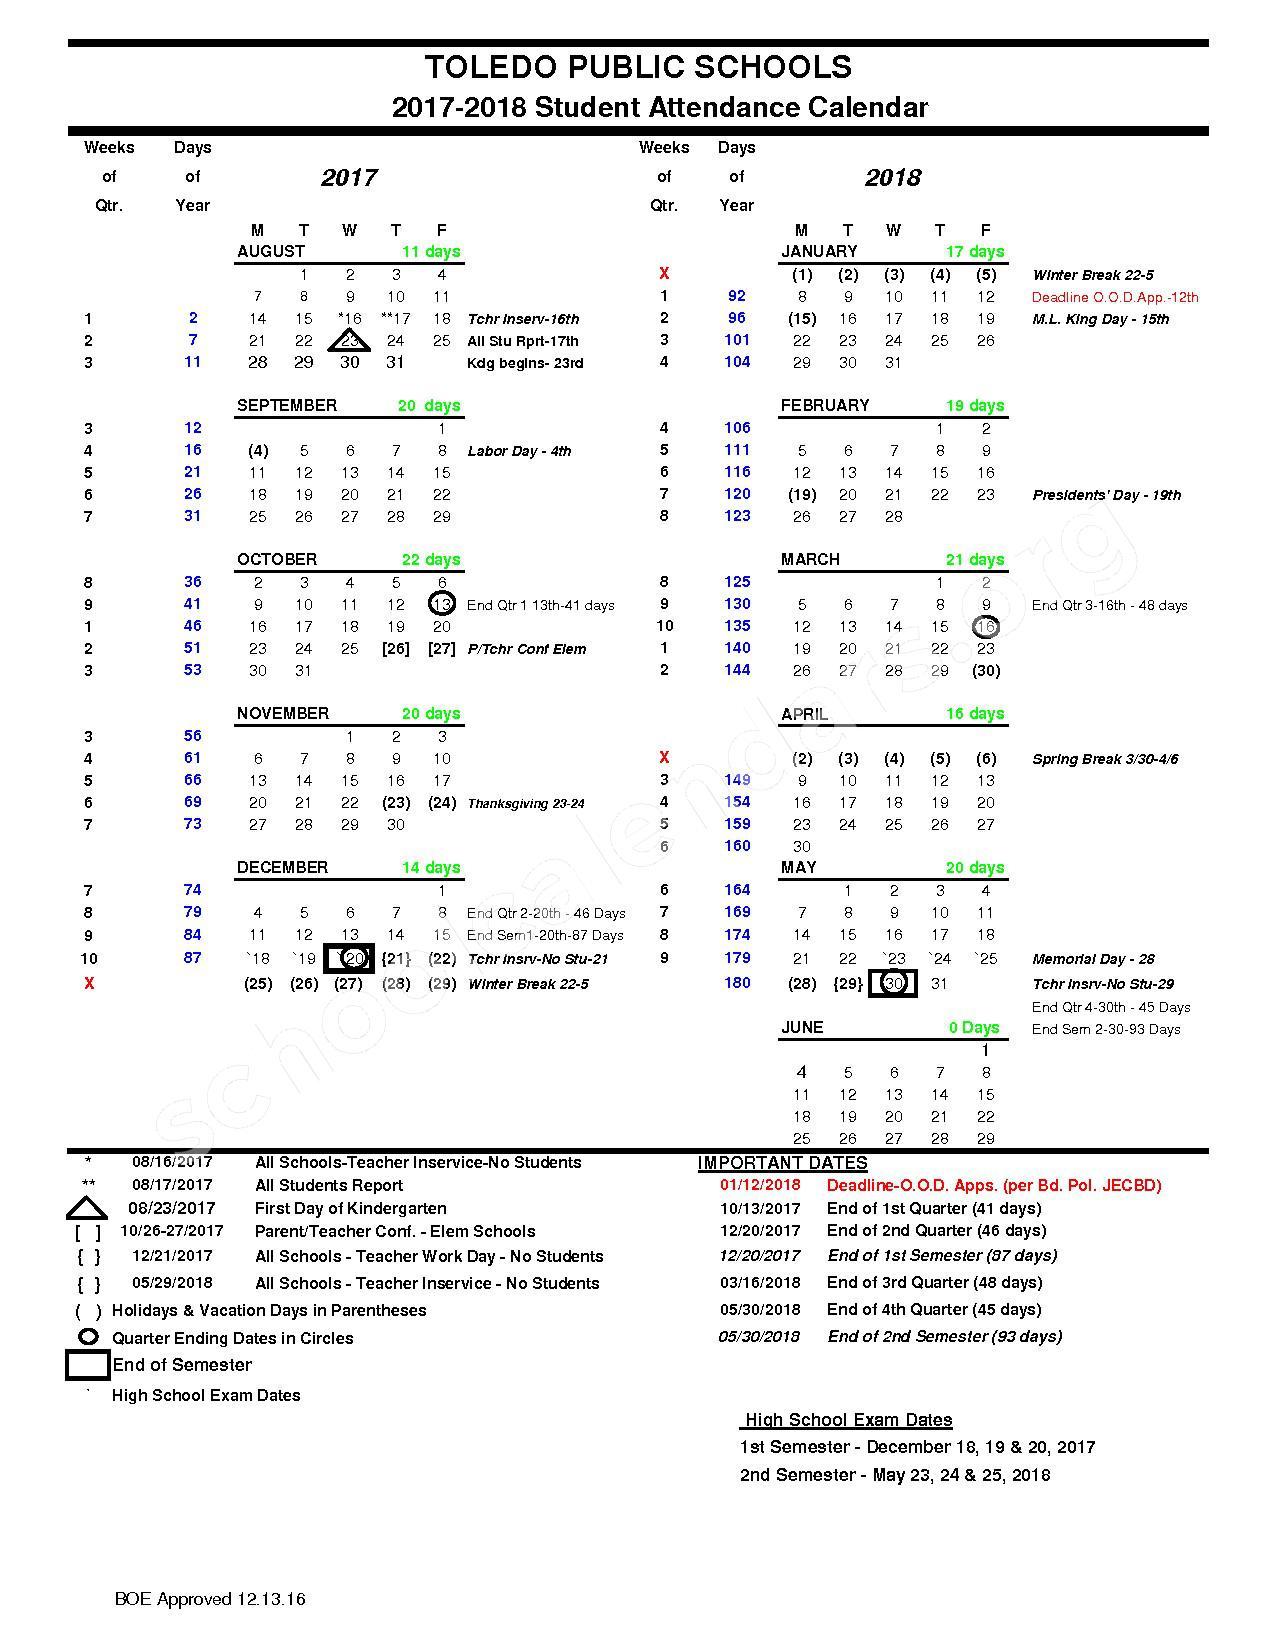 2017 - 2018 School Calendar – Toledo Public Schools – page 1